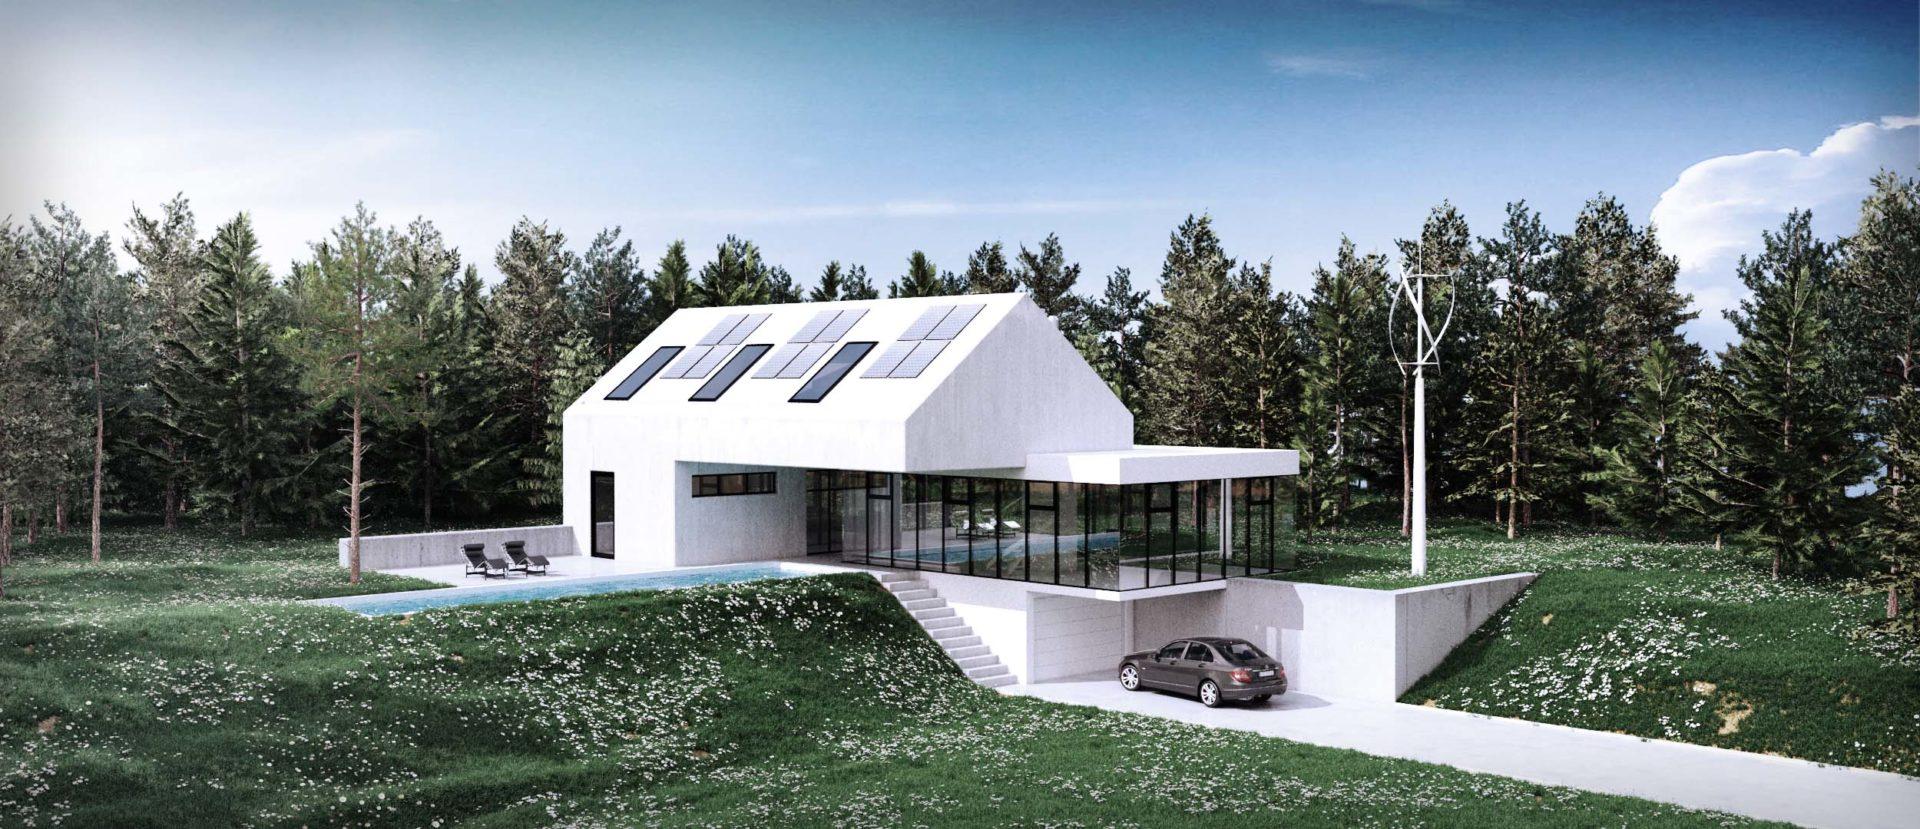 projekt indywidualny domu jednorodznnego